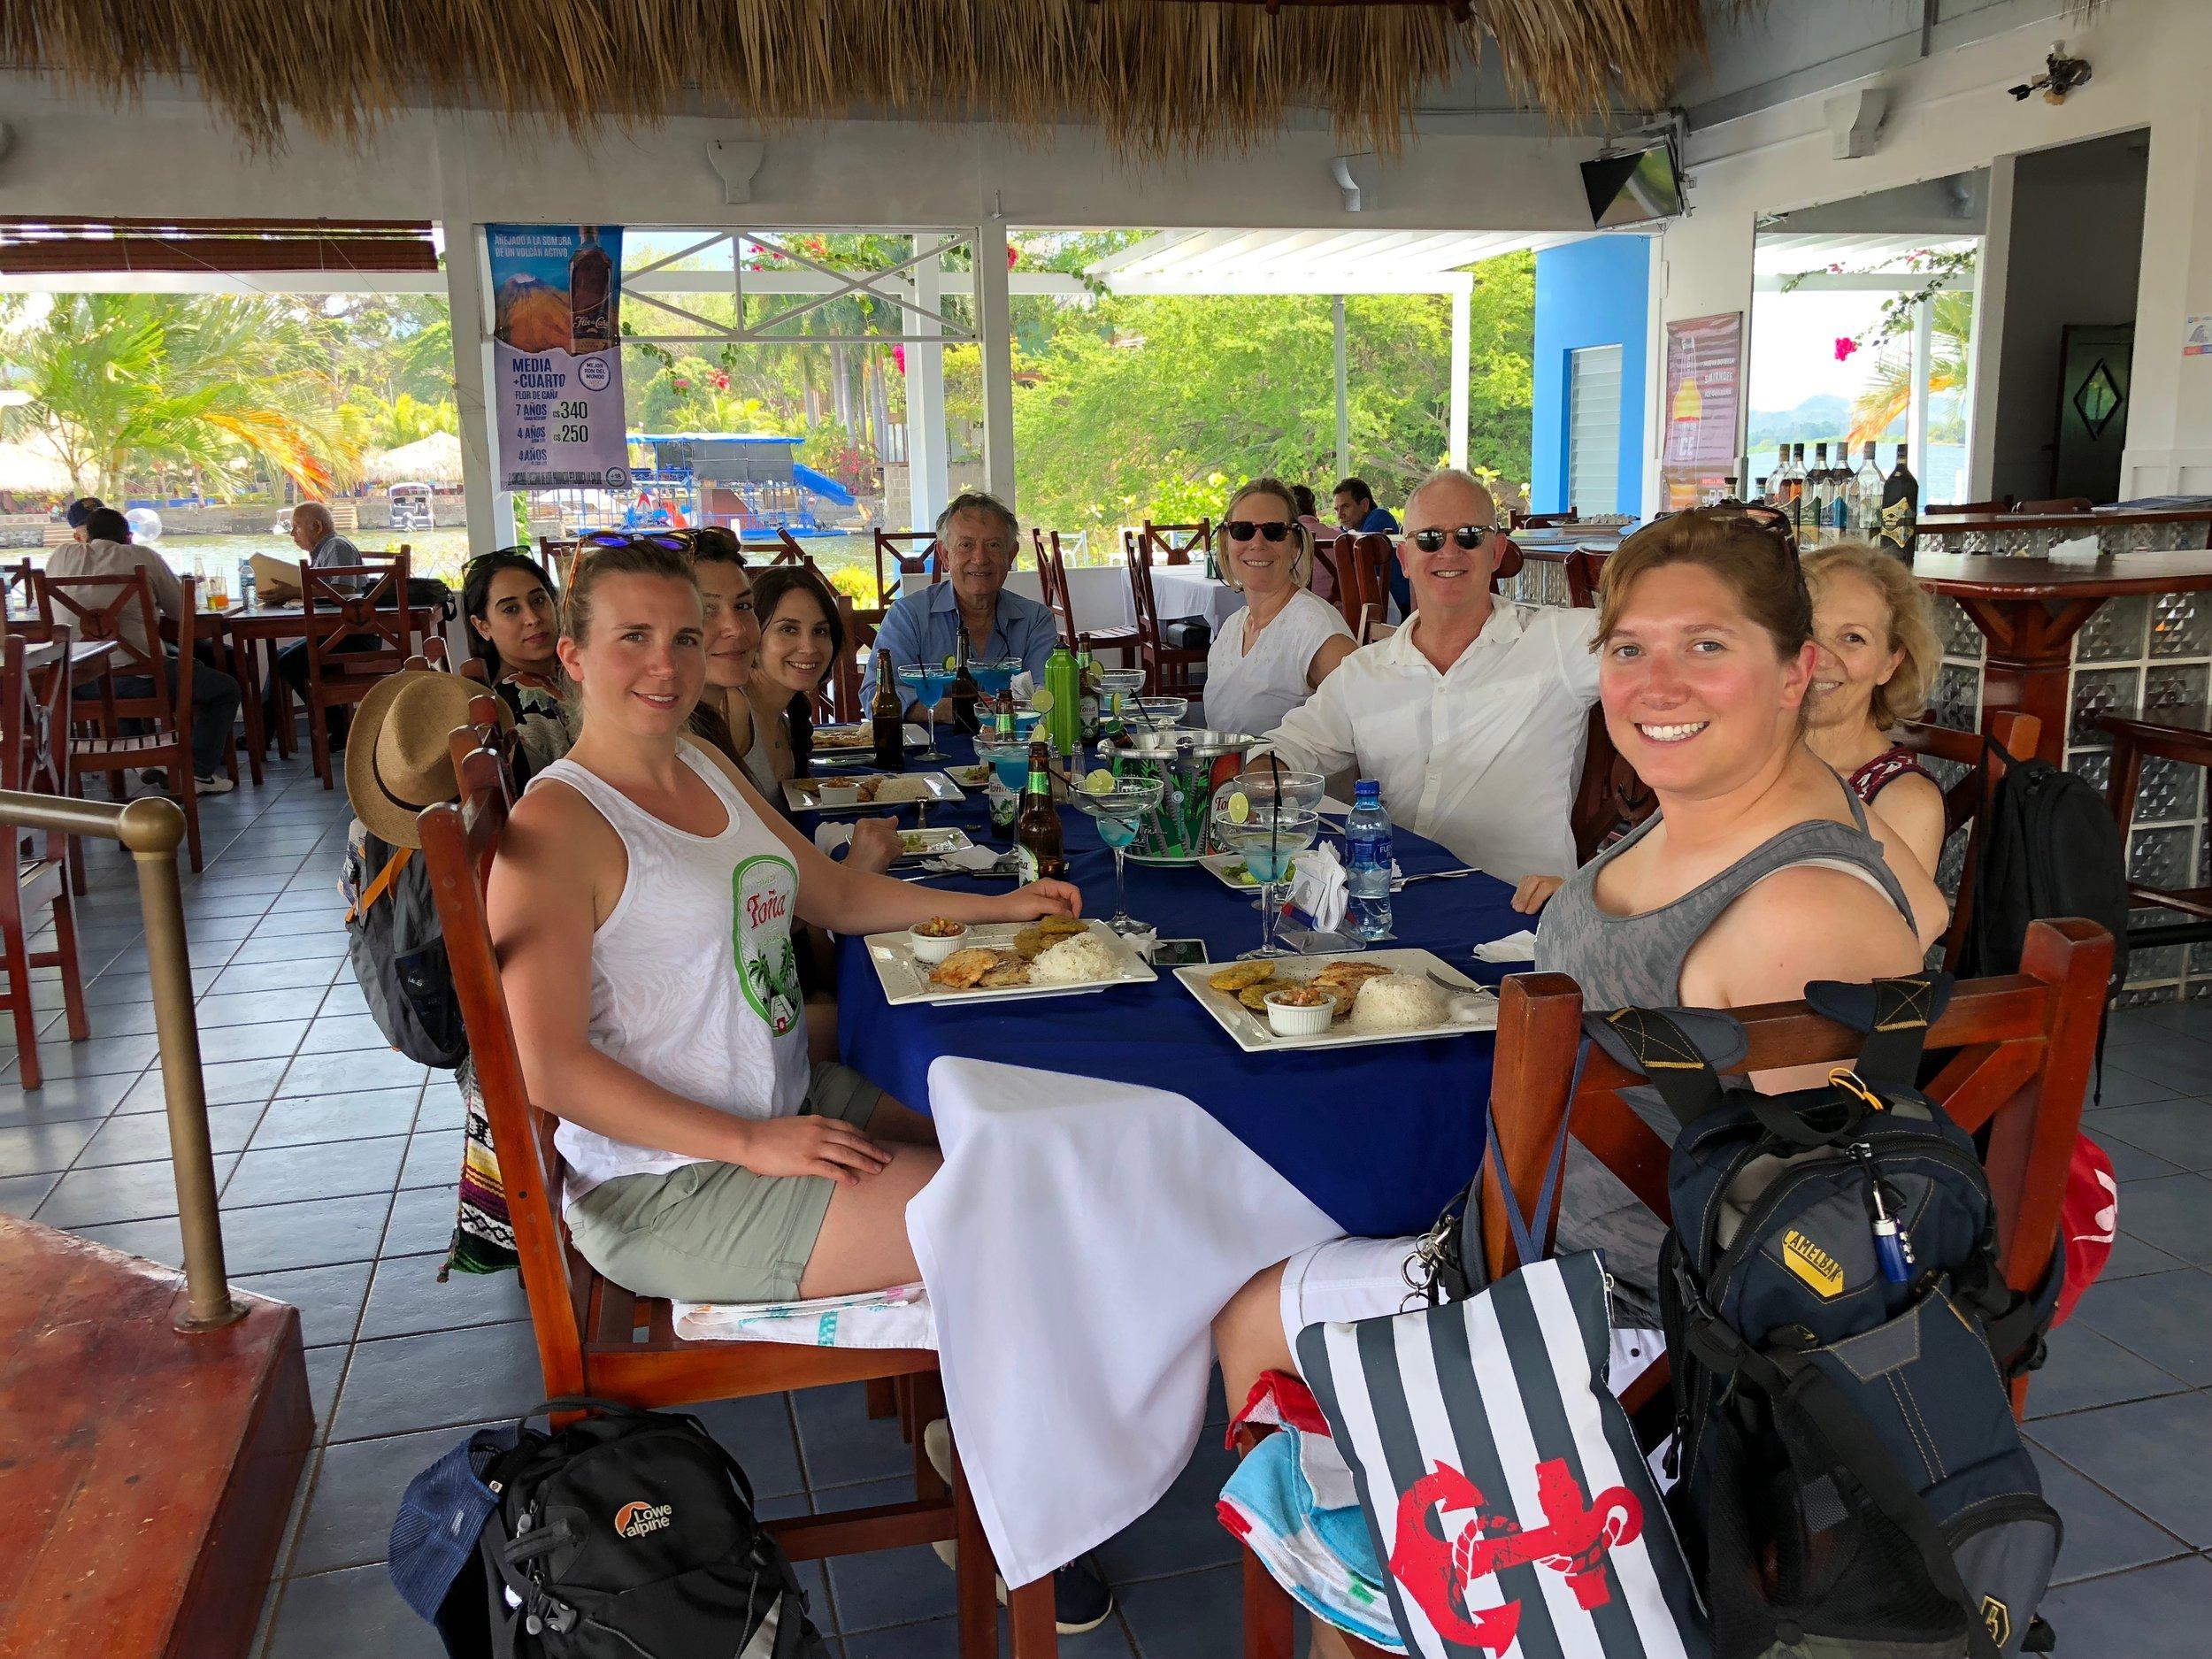 Day 4: Isletas de Granada lunch